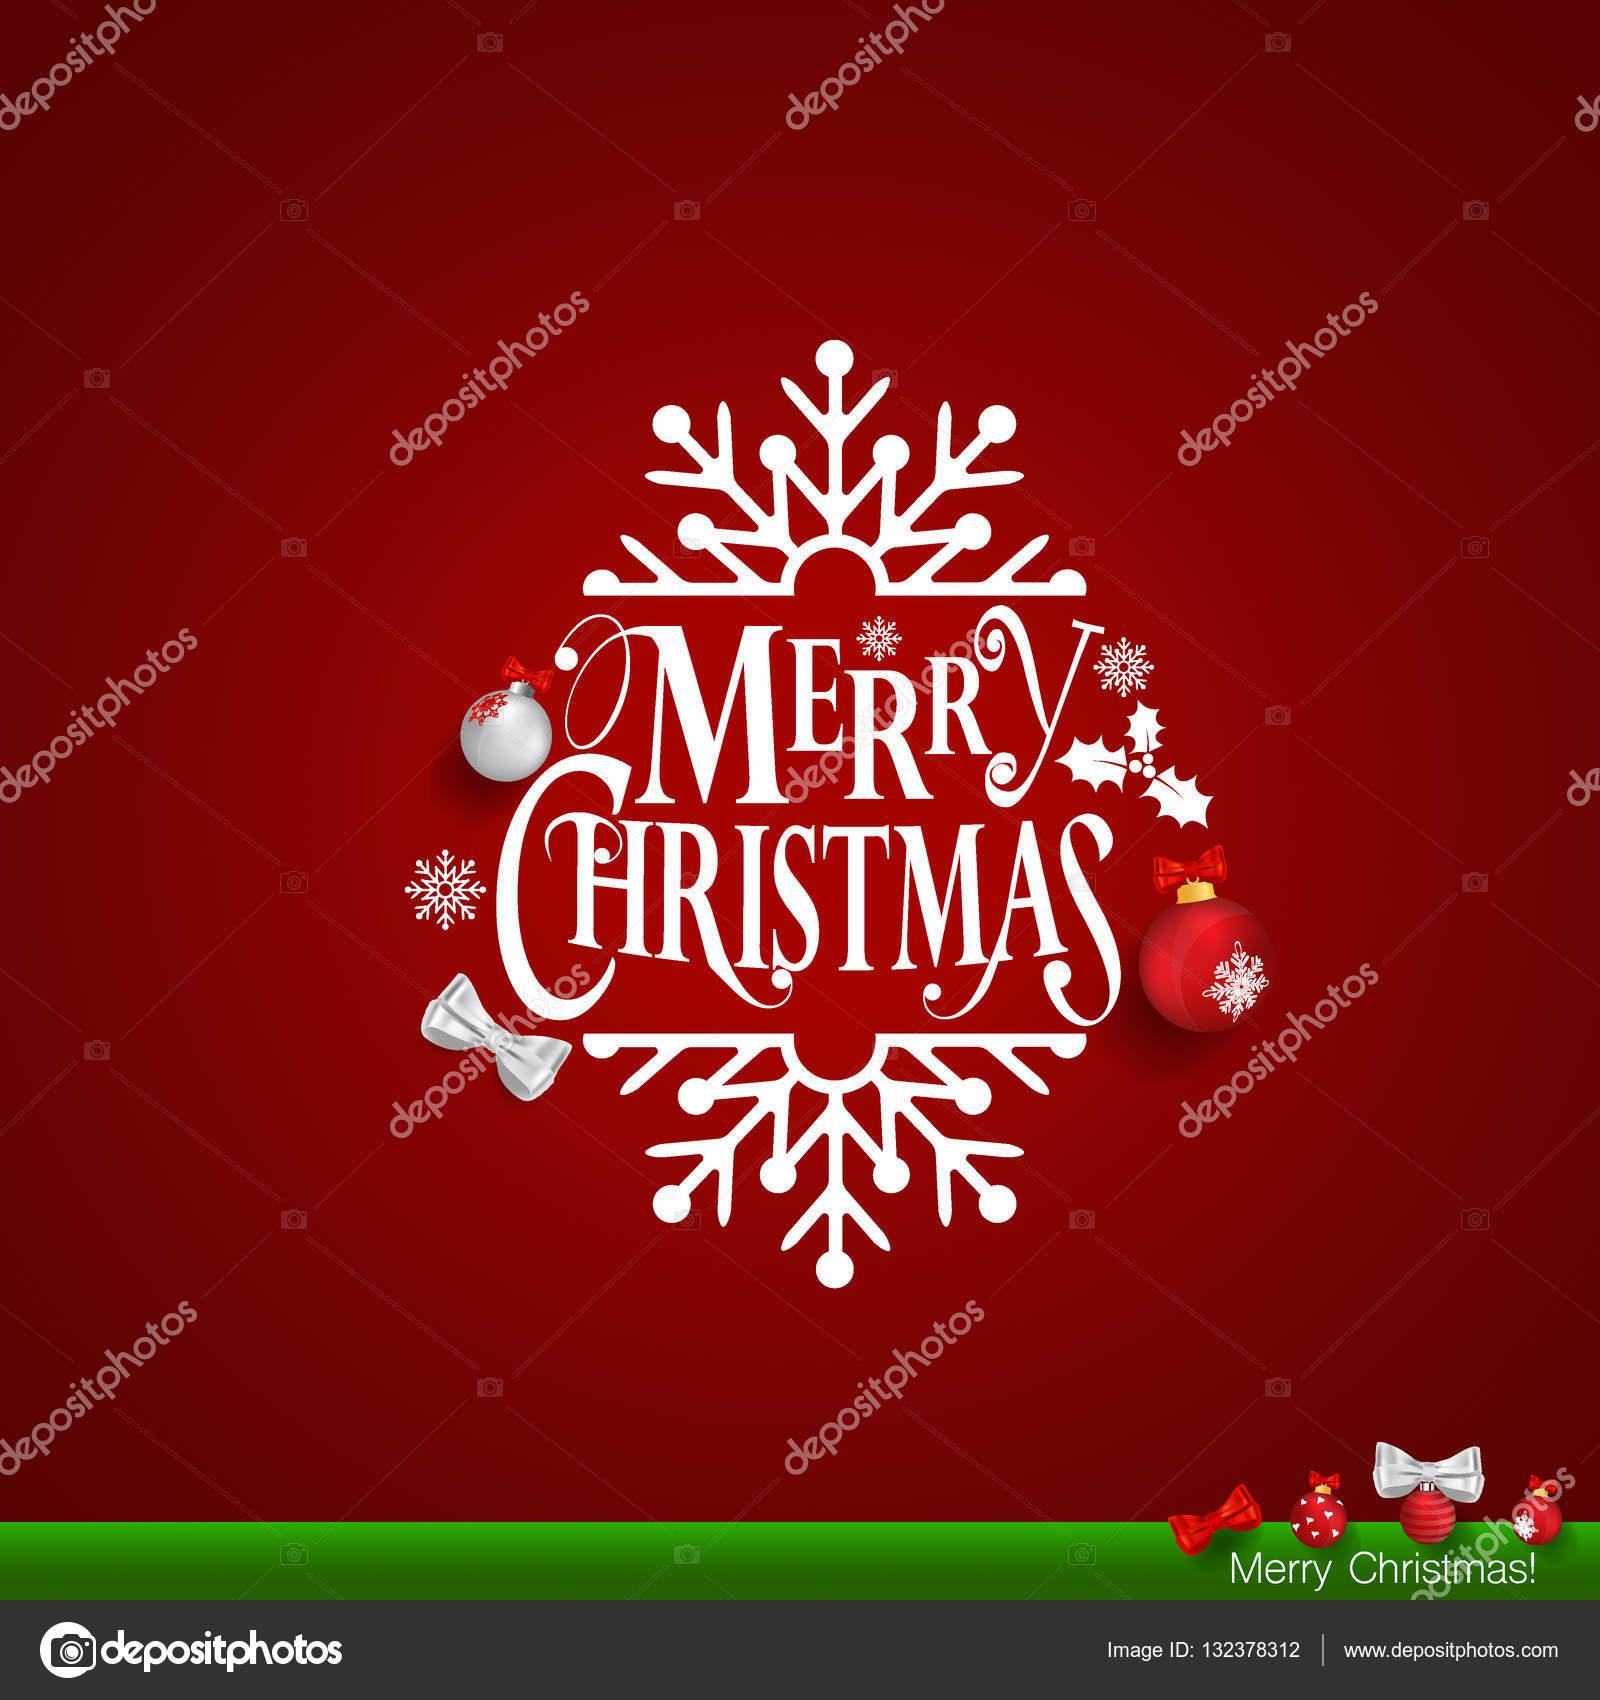 Immagini Con Scritte Di Buon Natale.Illustrazione Con Scritte Di Buon Natale Cartolina D